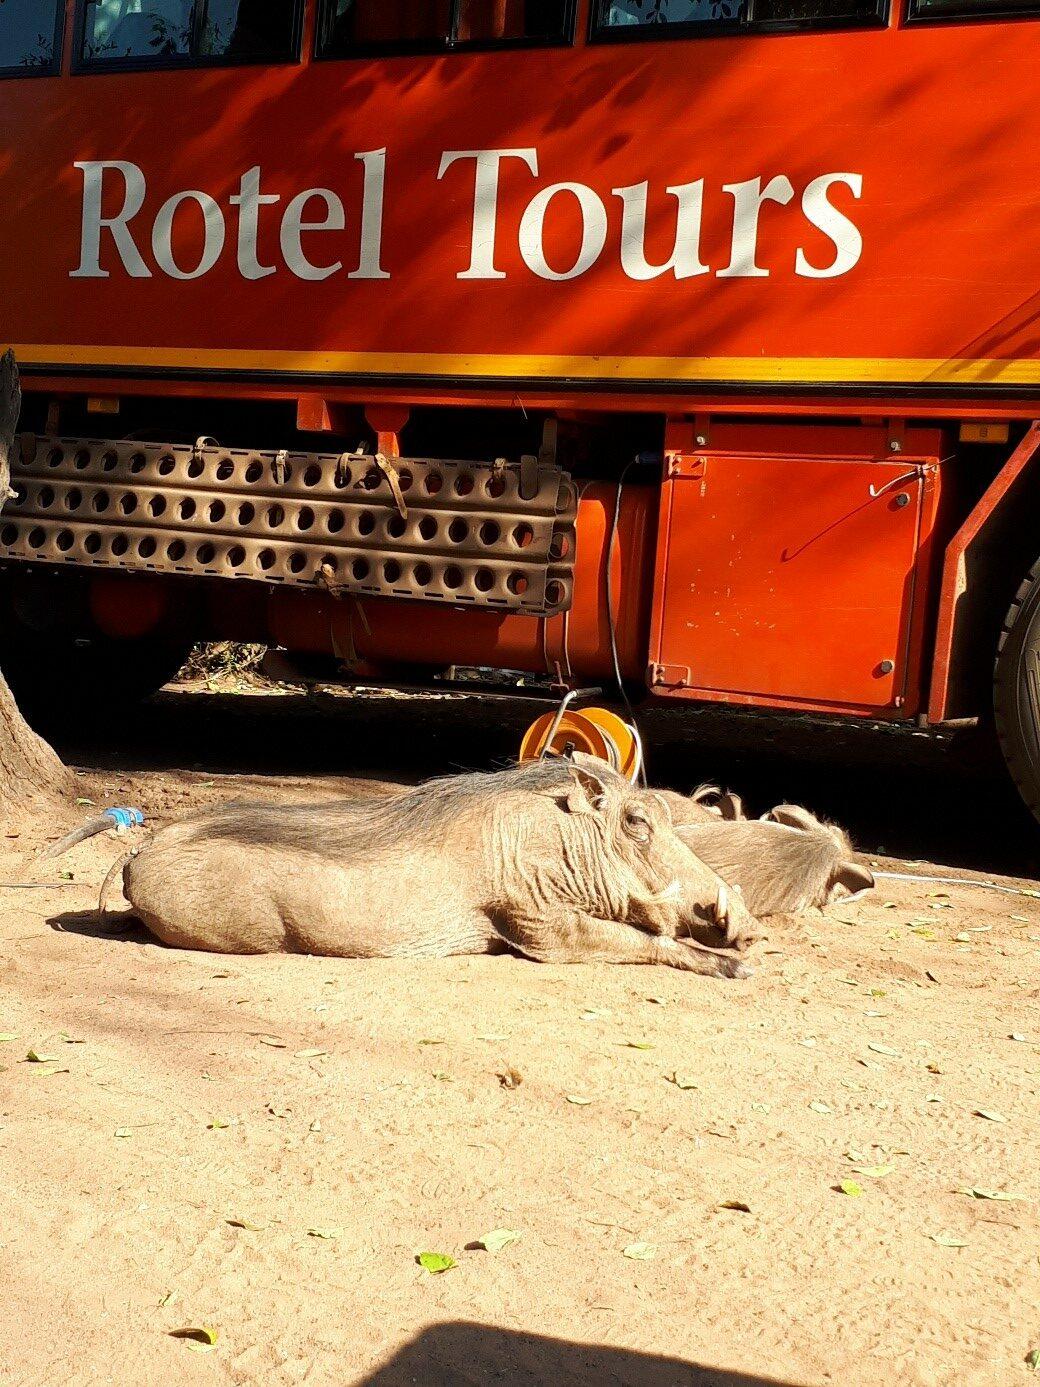 Mit Rotel Tours durch Afrika, Begegnung mit Warzenschweinen